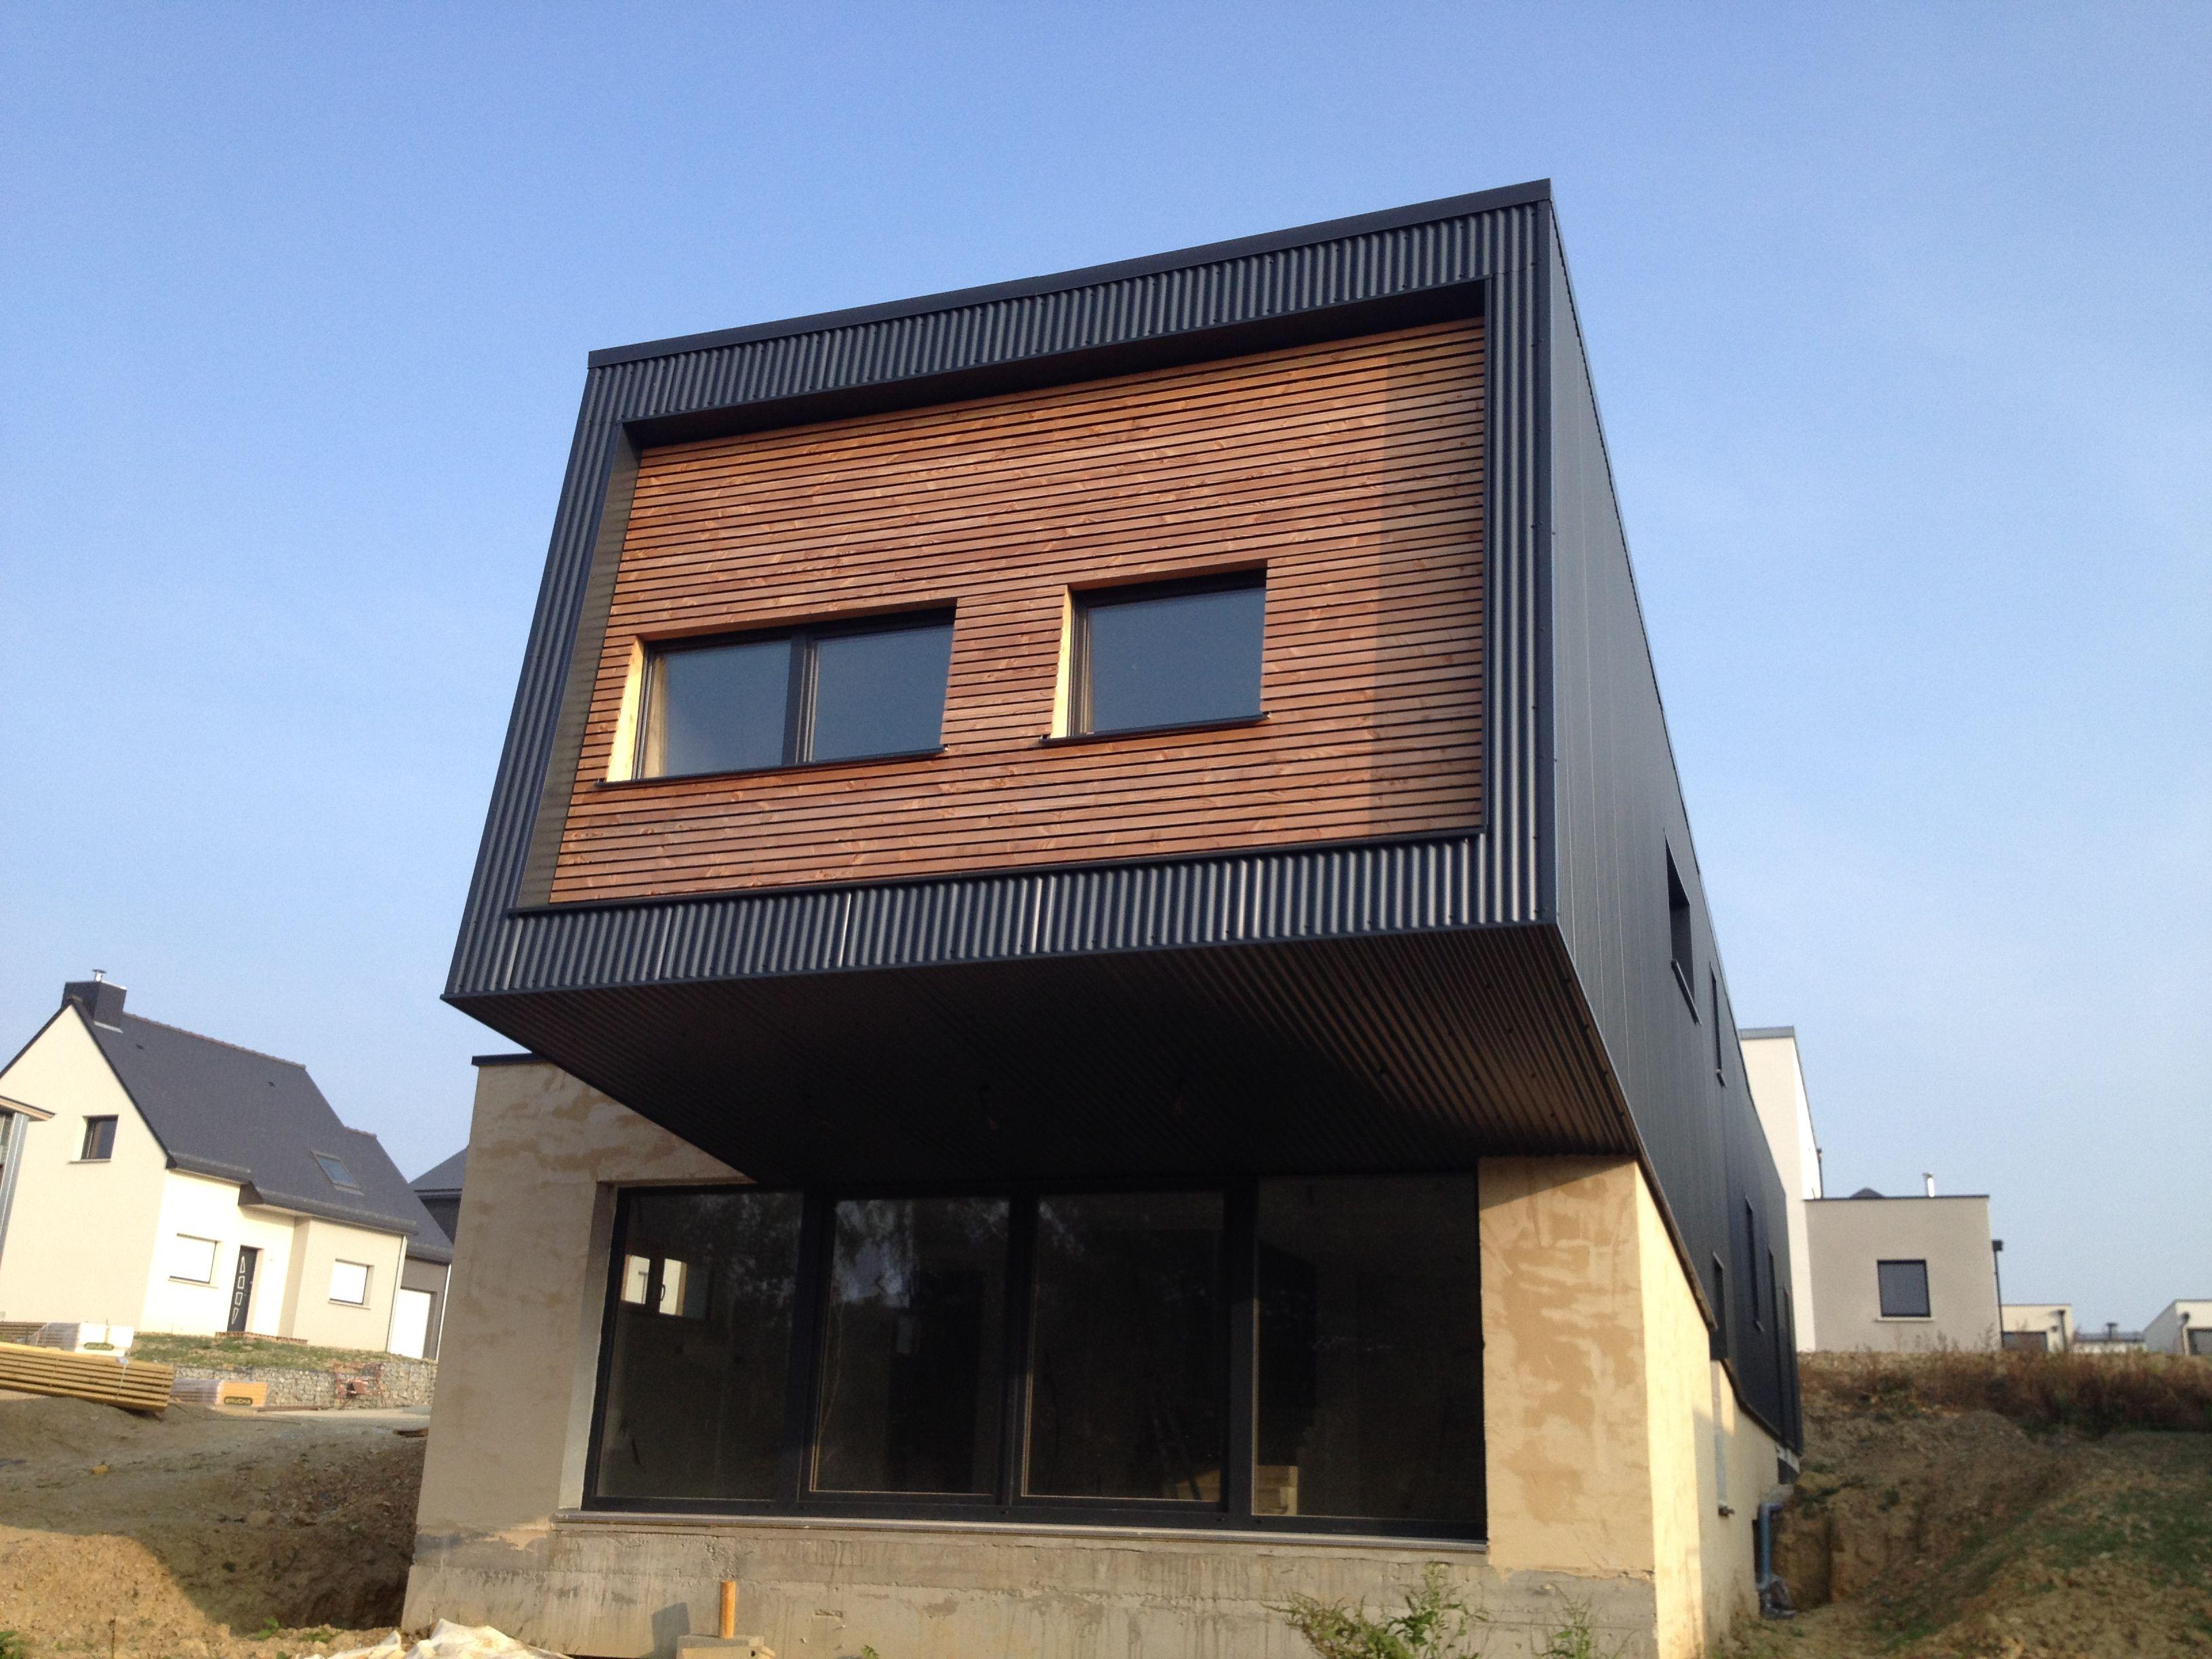 Maison ossature bois bardage bac acier et claire voie Douglas en